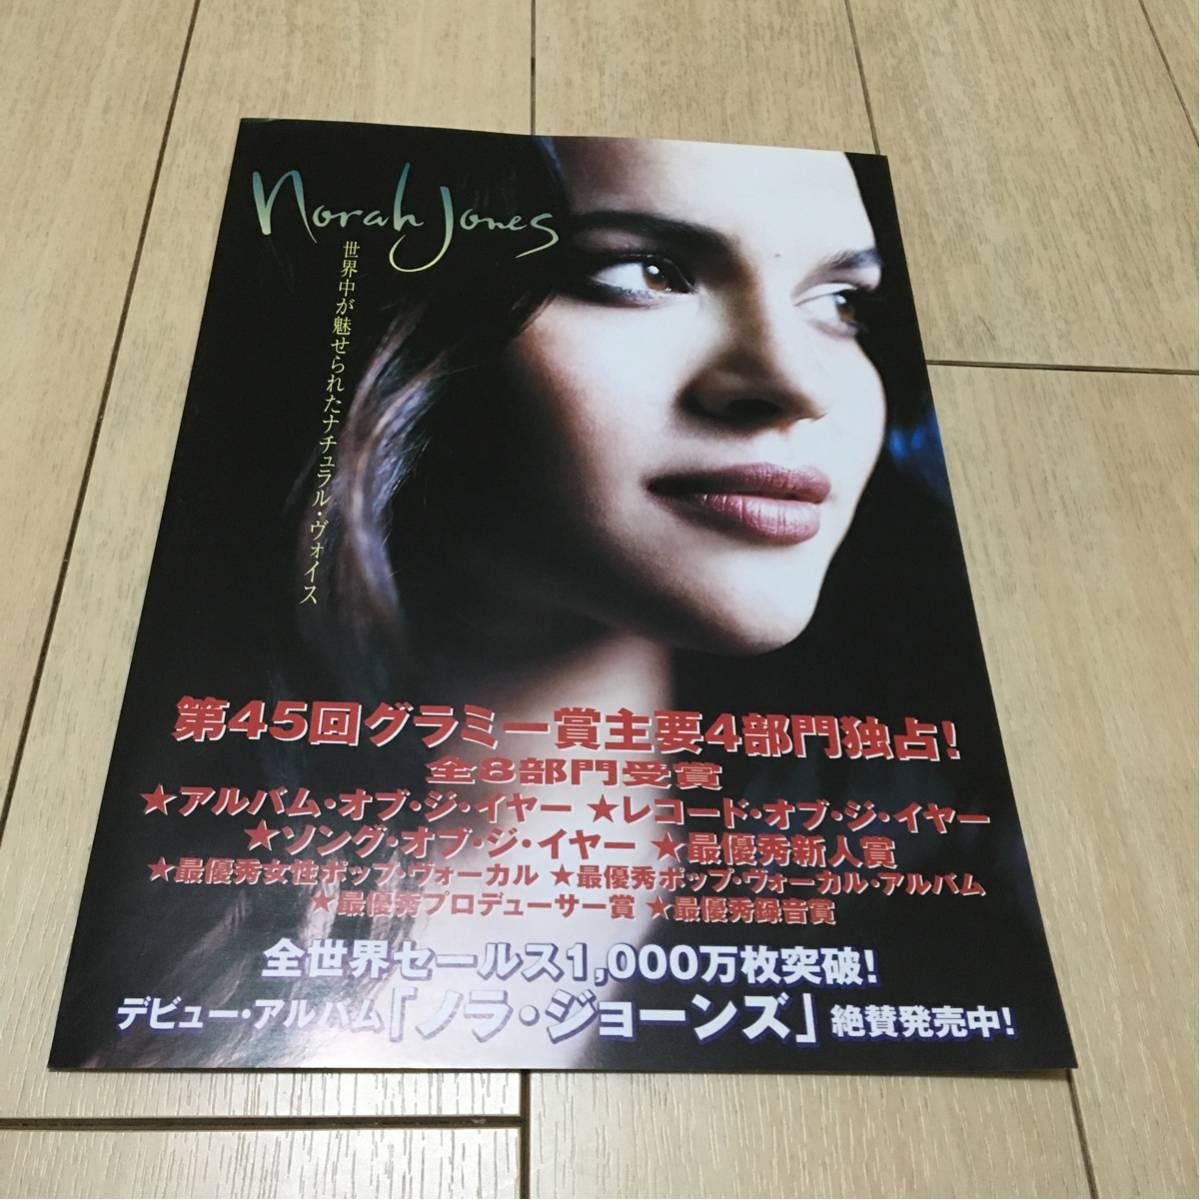 ノラ・ジョーンズ norah jones cd 発売 告知 チラシ グラミー賞 4部門 独占 デビュー アルバム 2003 ブルーノート